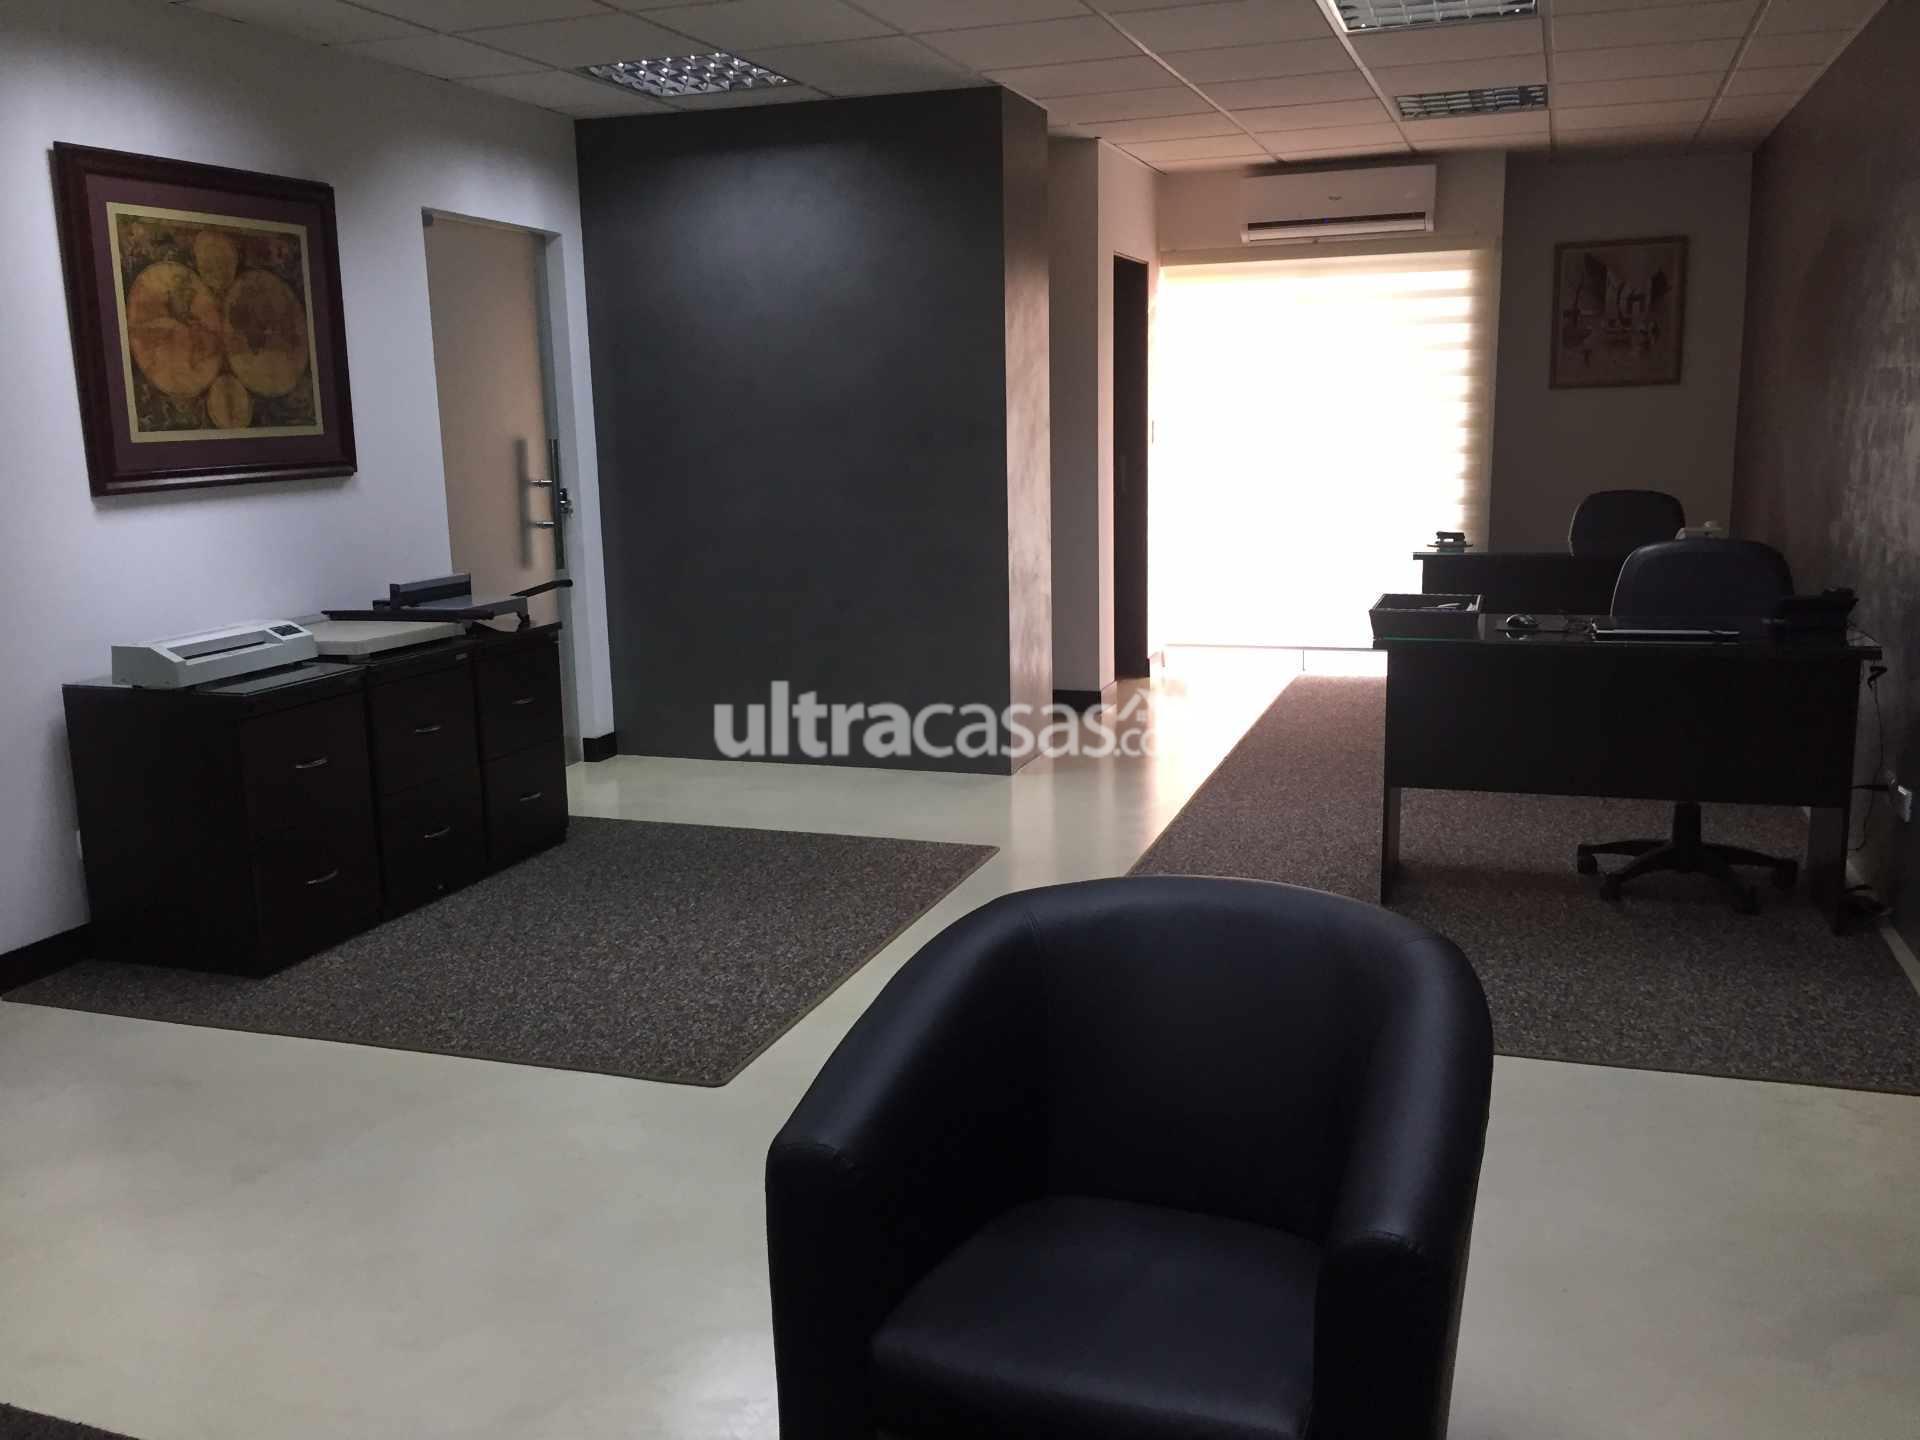 Oficina en Venta EQUIPETROL NORTE 3er ANILLO EXTERNO C/DR. JAIME ROMAN Foto 15